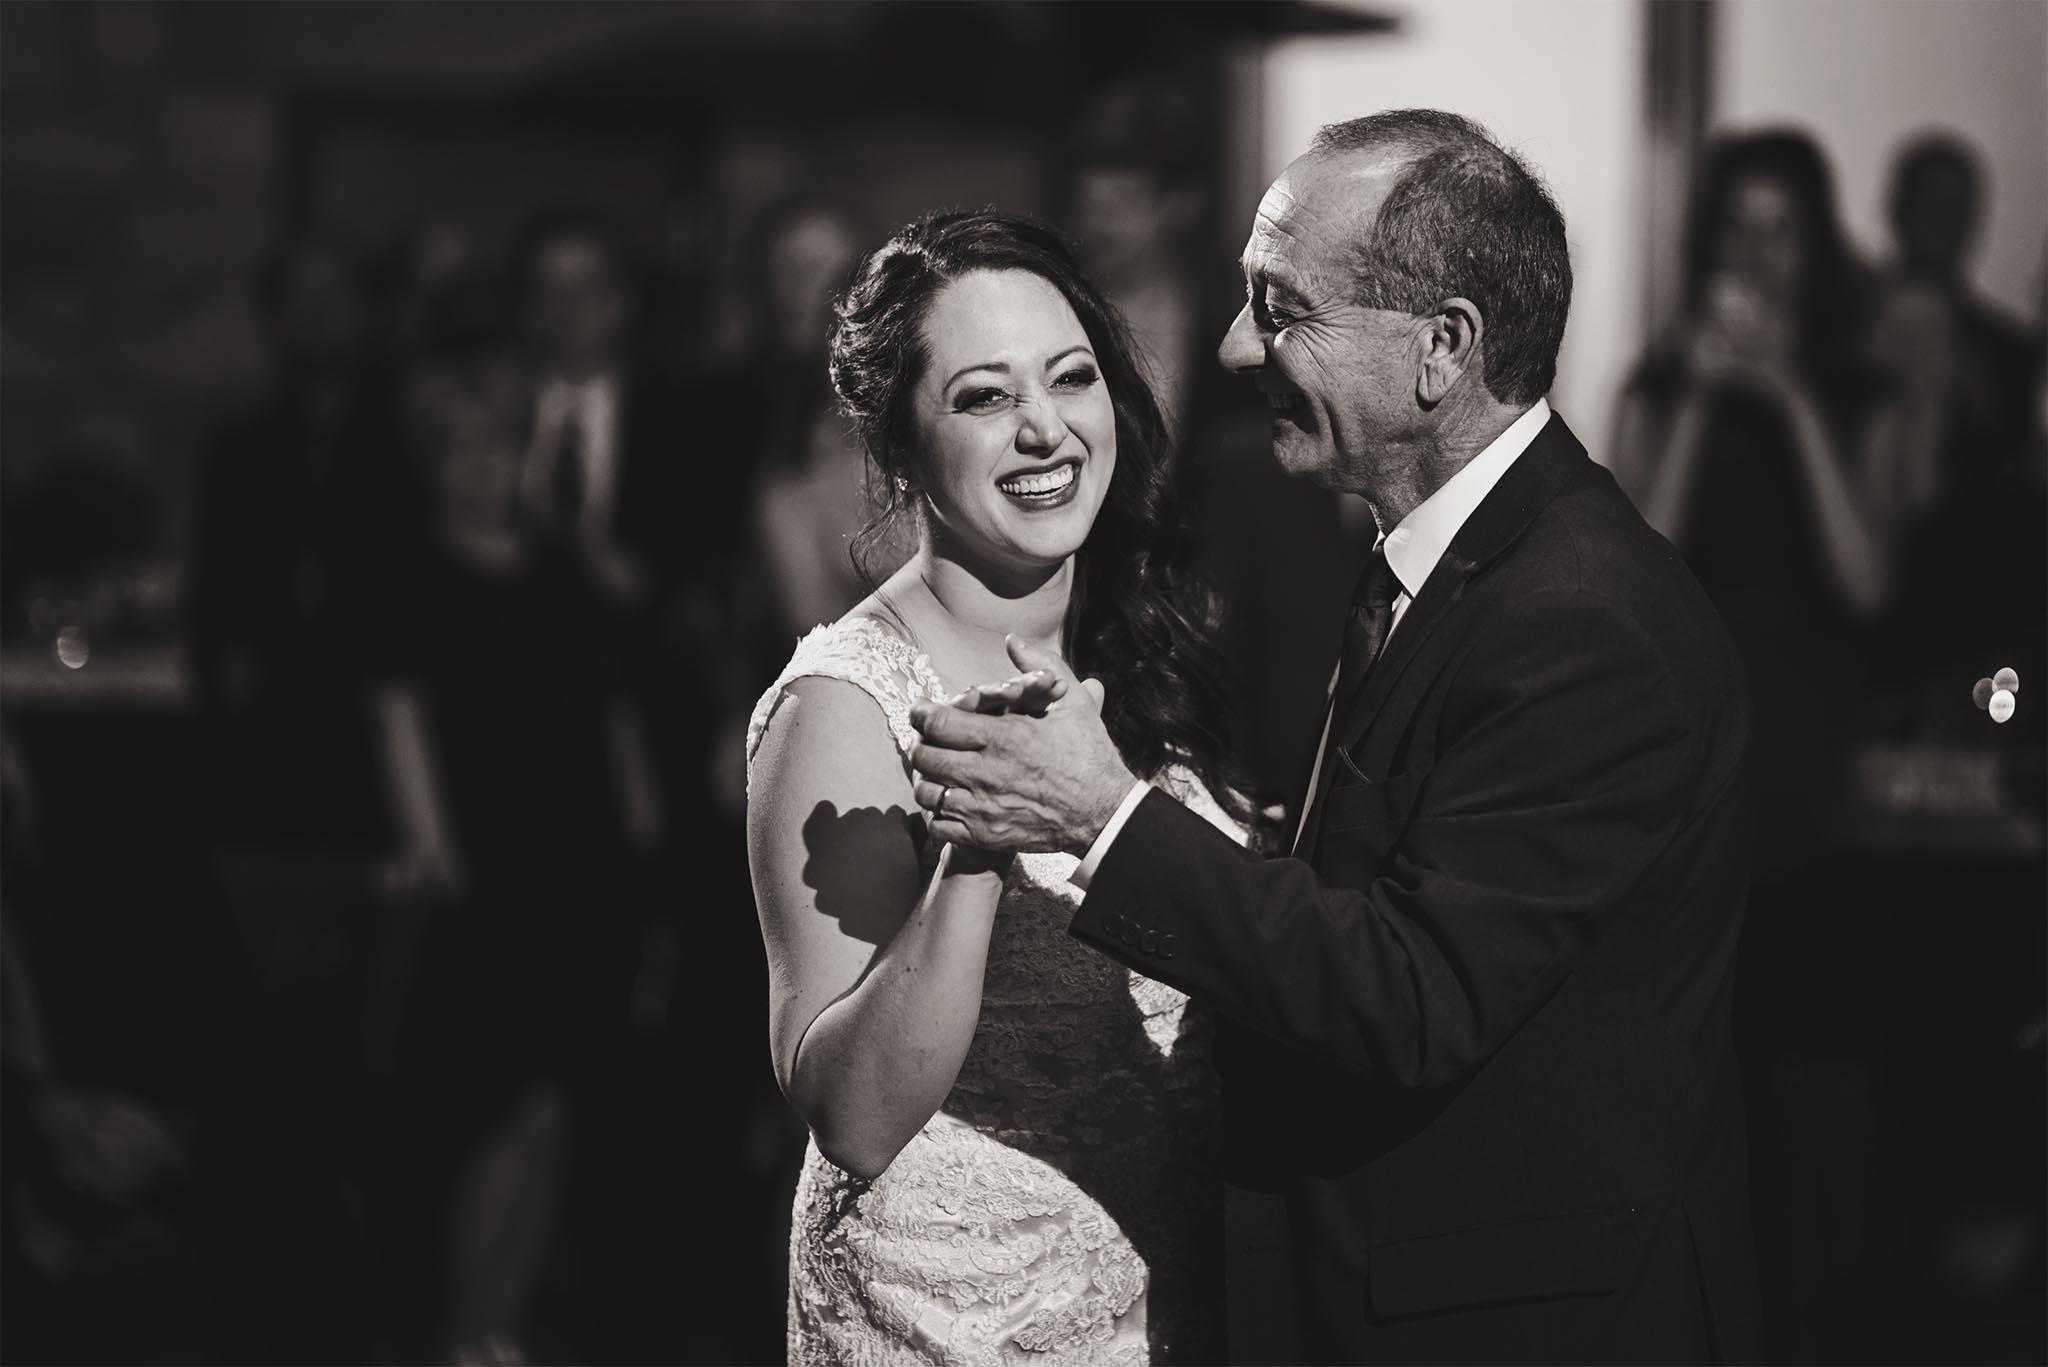 Peter-Bendevis-Photography-Kris-Laura-Cambridge-Mill-Winter-Wedding34